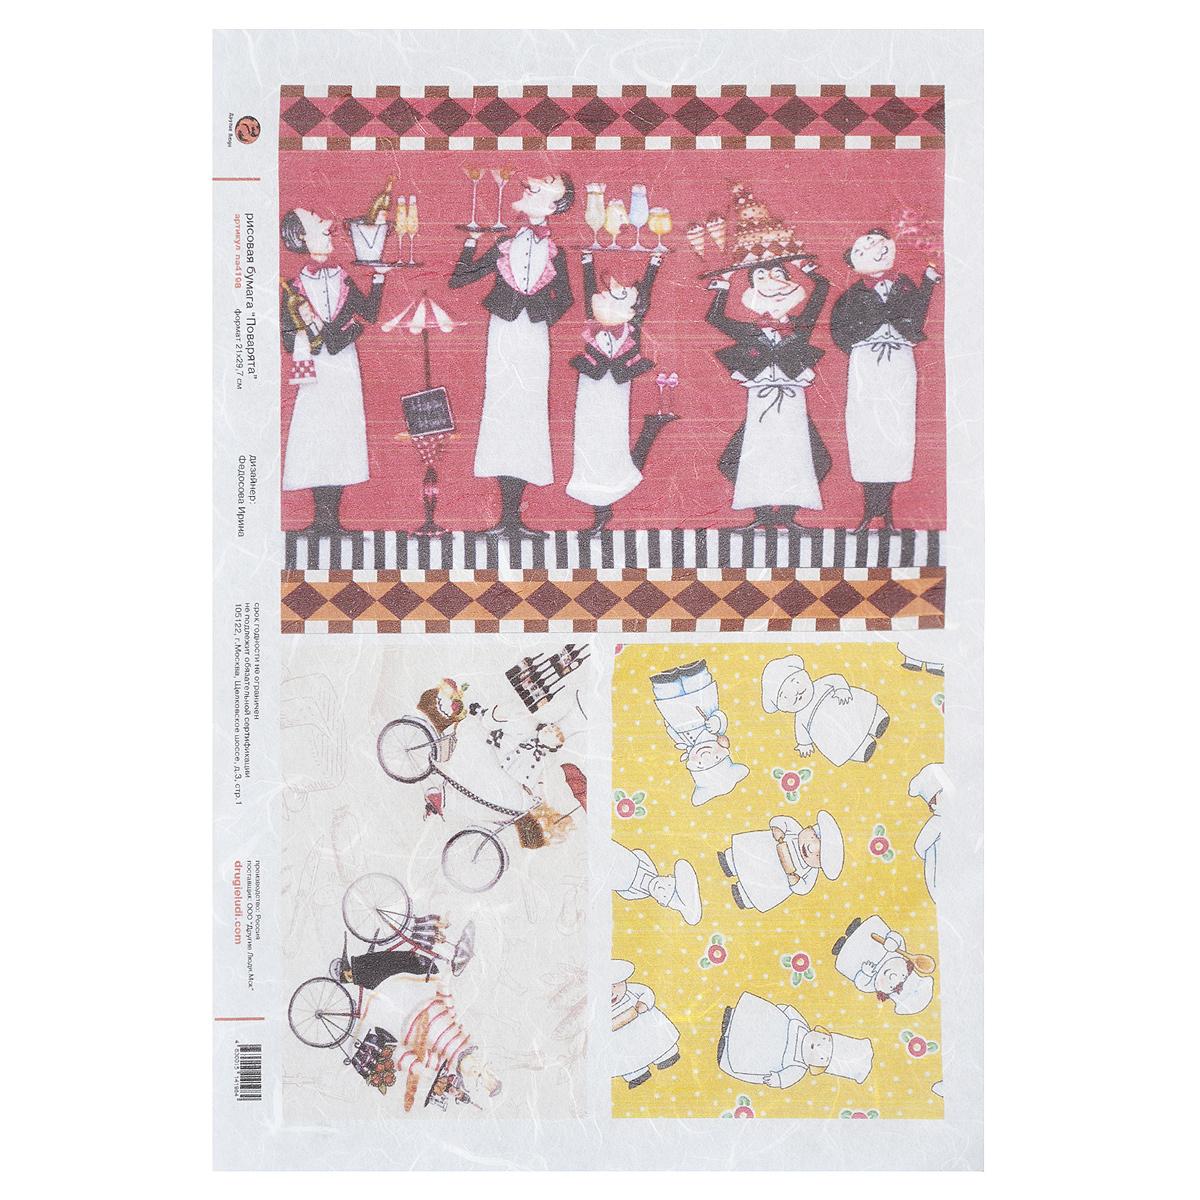 Рисовая бумага для декупажа А4 Поварята, 29,7 см х 21 смna4198Рисовая бумага для декупажа имеет в составе прожилки риса, которые очень красиво смотрятся на декорируемом изделии, придают ему неповторимую фактуру и создают эффект нанесенного кистью рисунка. Рисовая бумага легко повторяет форму предметов. Подходит для декора в технике декупаж на стекле, дереве, пластике, металле и любых других поверхностях. Не требует замачивания. Приклеивается путем нанесения клея поверх бумаги по направлению от центра к краям. Мотивы рисунка можно вырезать ножницами либо вырывать руками. Так же используется в технике скрапбукинг для декора страниц и обложек альбомов. Бумагу можно пристрачивать на швейной машине. Декупаж - техника декорирования различных предметов, основанная на присоединении рисунка, картины или орнамента (обычного вырезанного) к предмету, и, далее, покрытии полученной композиции лаком ради эффектности, сохранности и долговечности. Плотность: 20 г/м. Формат: А4.